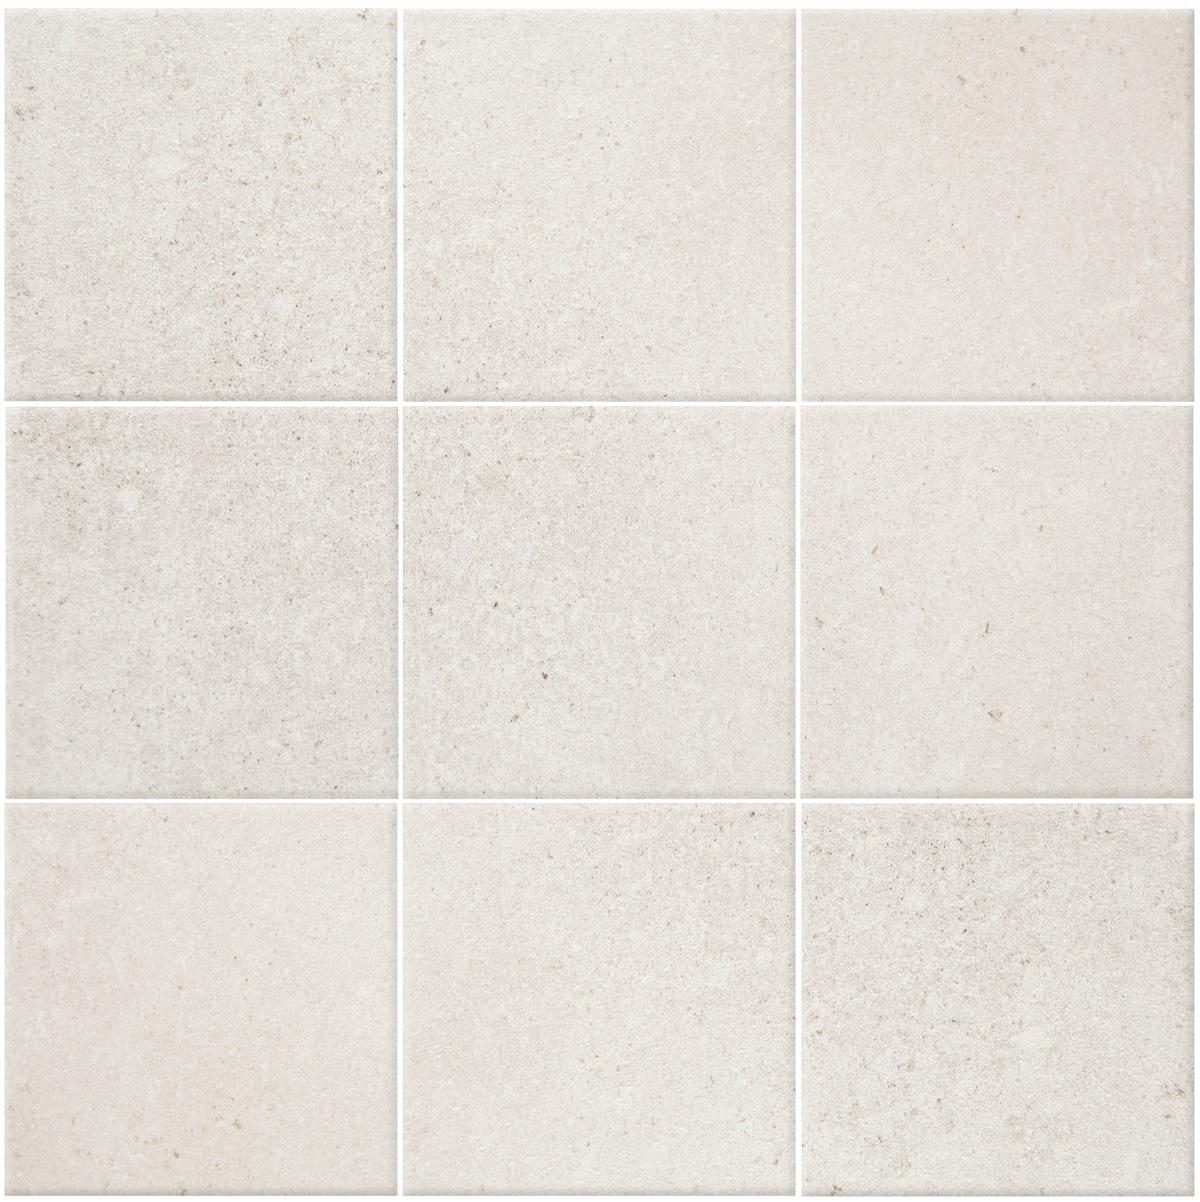 66009101, Europe 10x10, Valkoinen, lattia